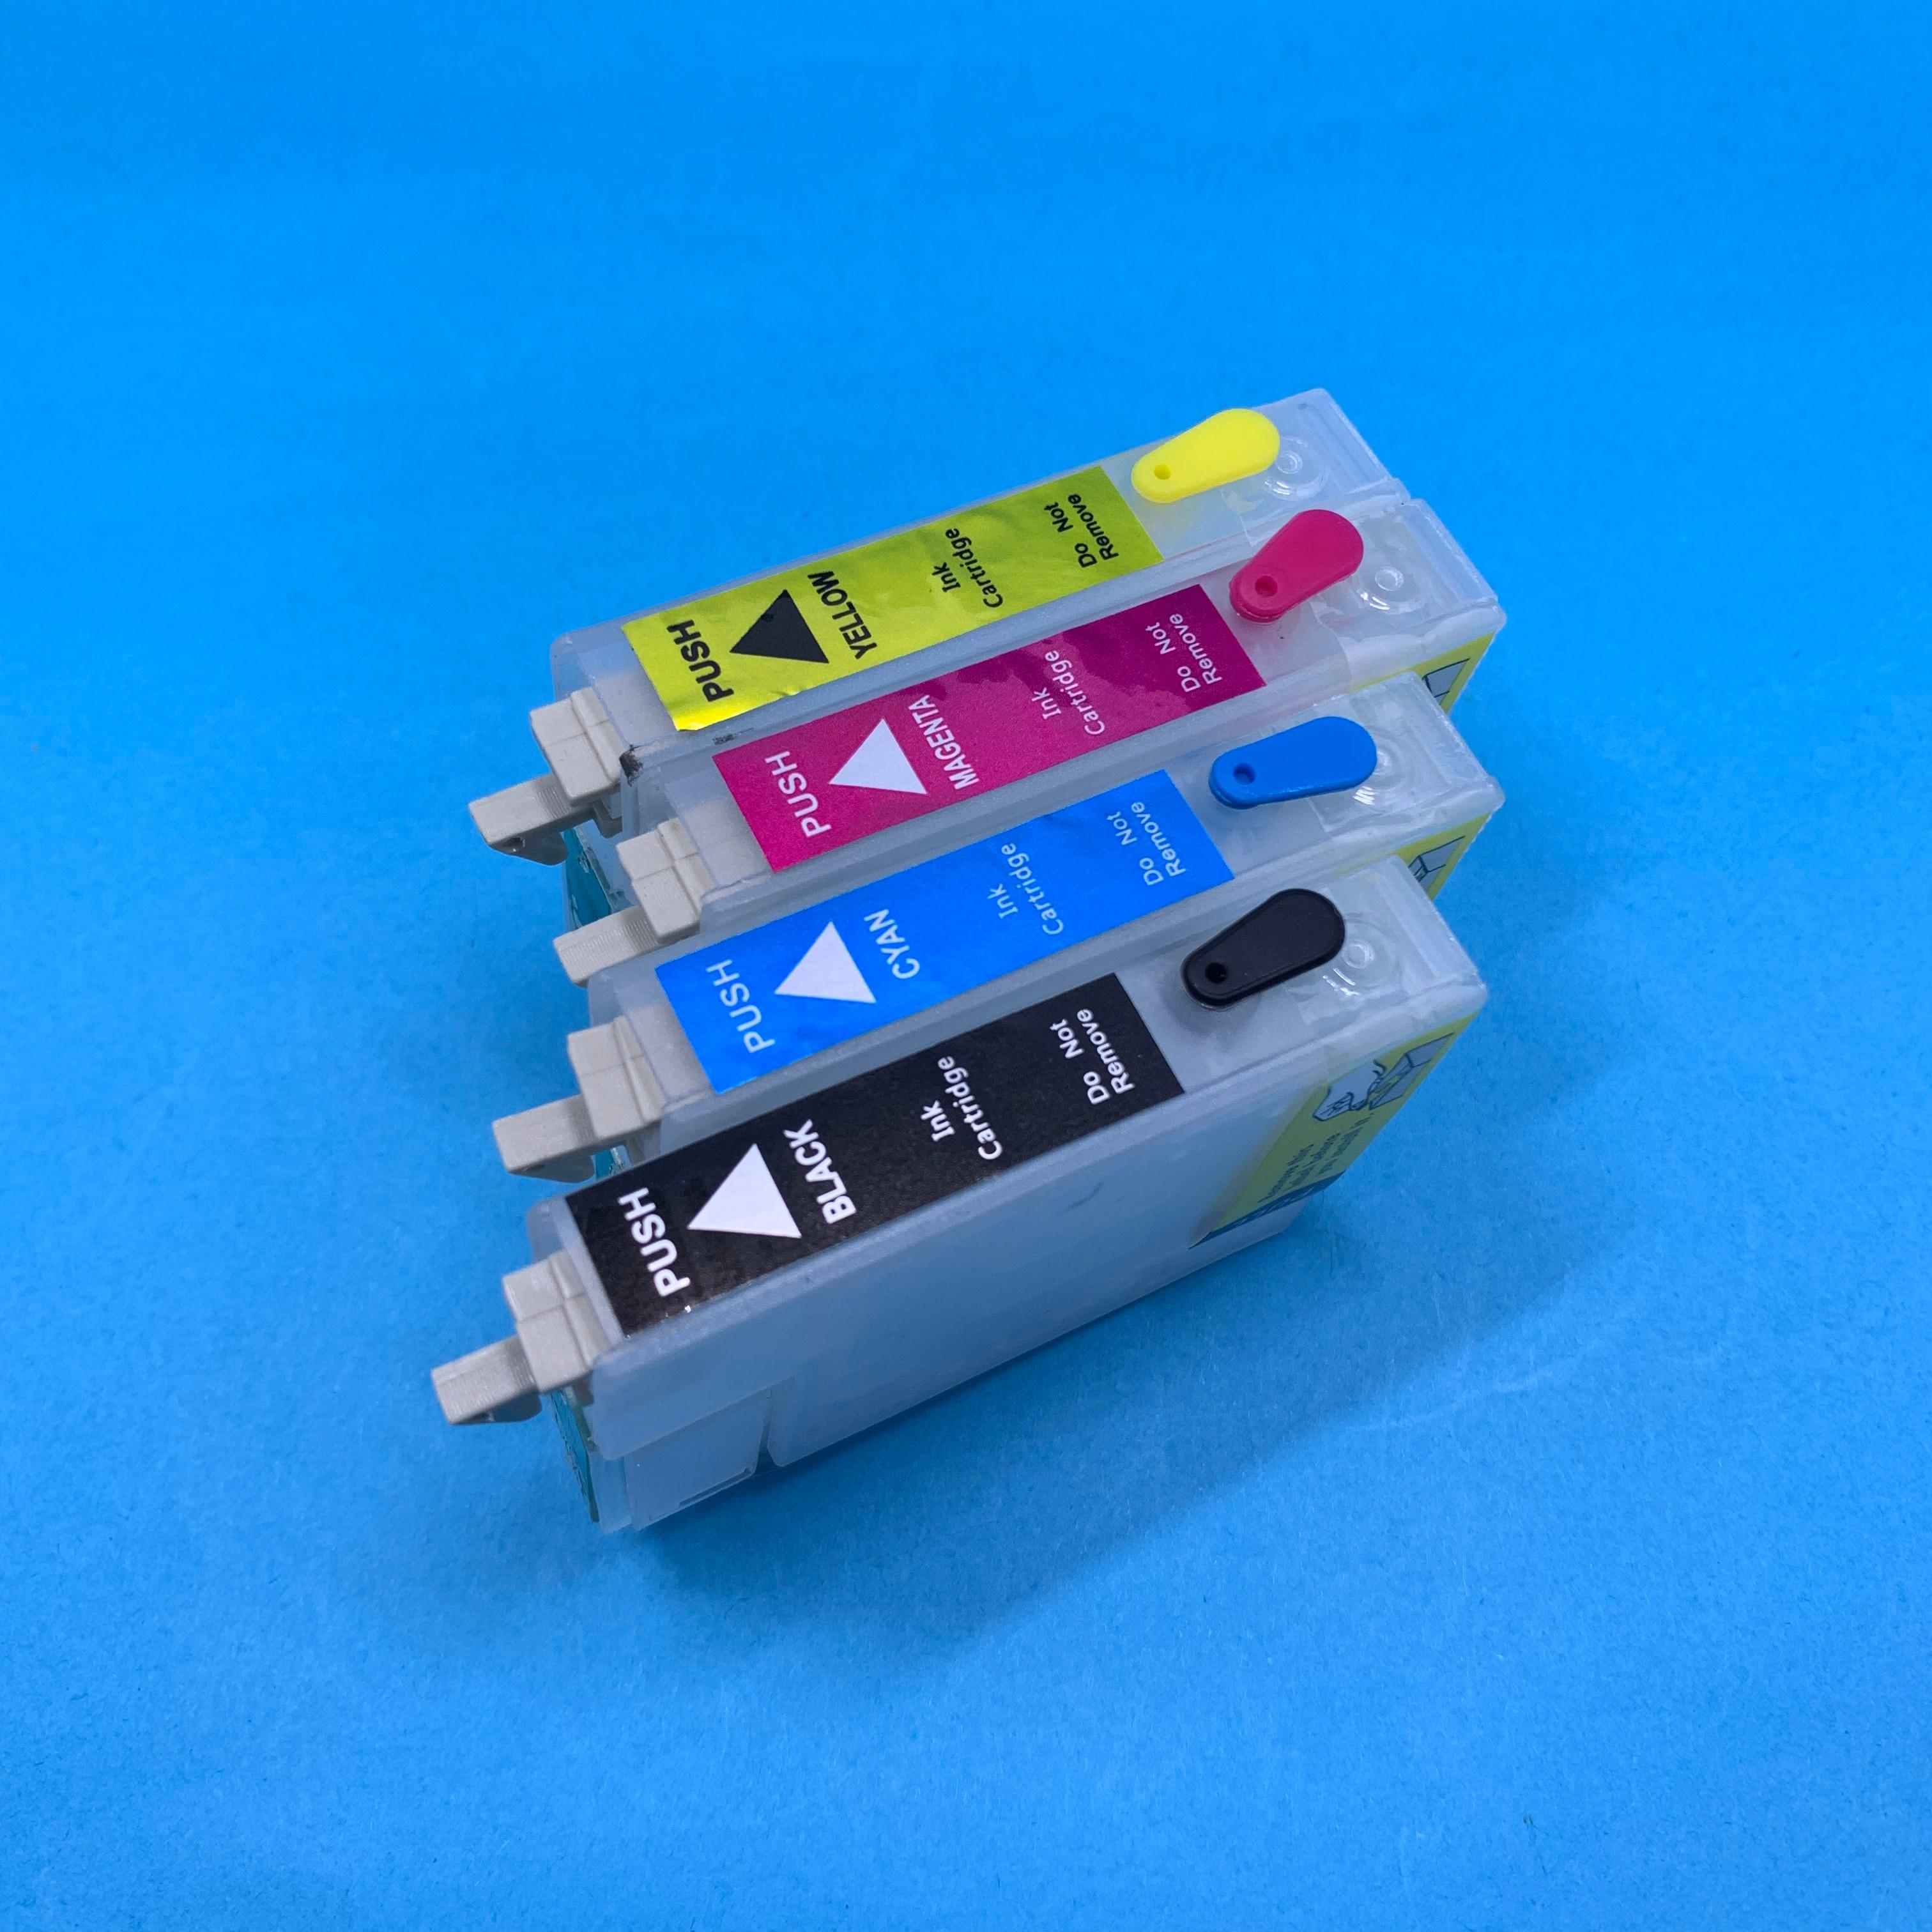 YOTAT cartucho de tinta Recarregáveis T1091 T1092 T1093 T1094 para Epson ME 30/300/ESCRITÓRIO 70/80W /360/510/600F/700FW/1100 (China)